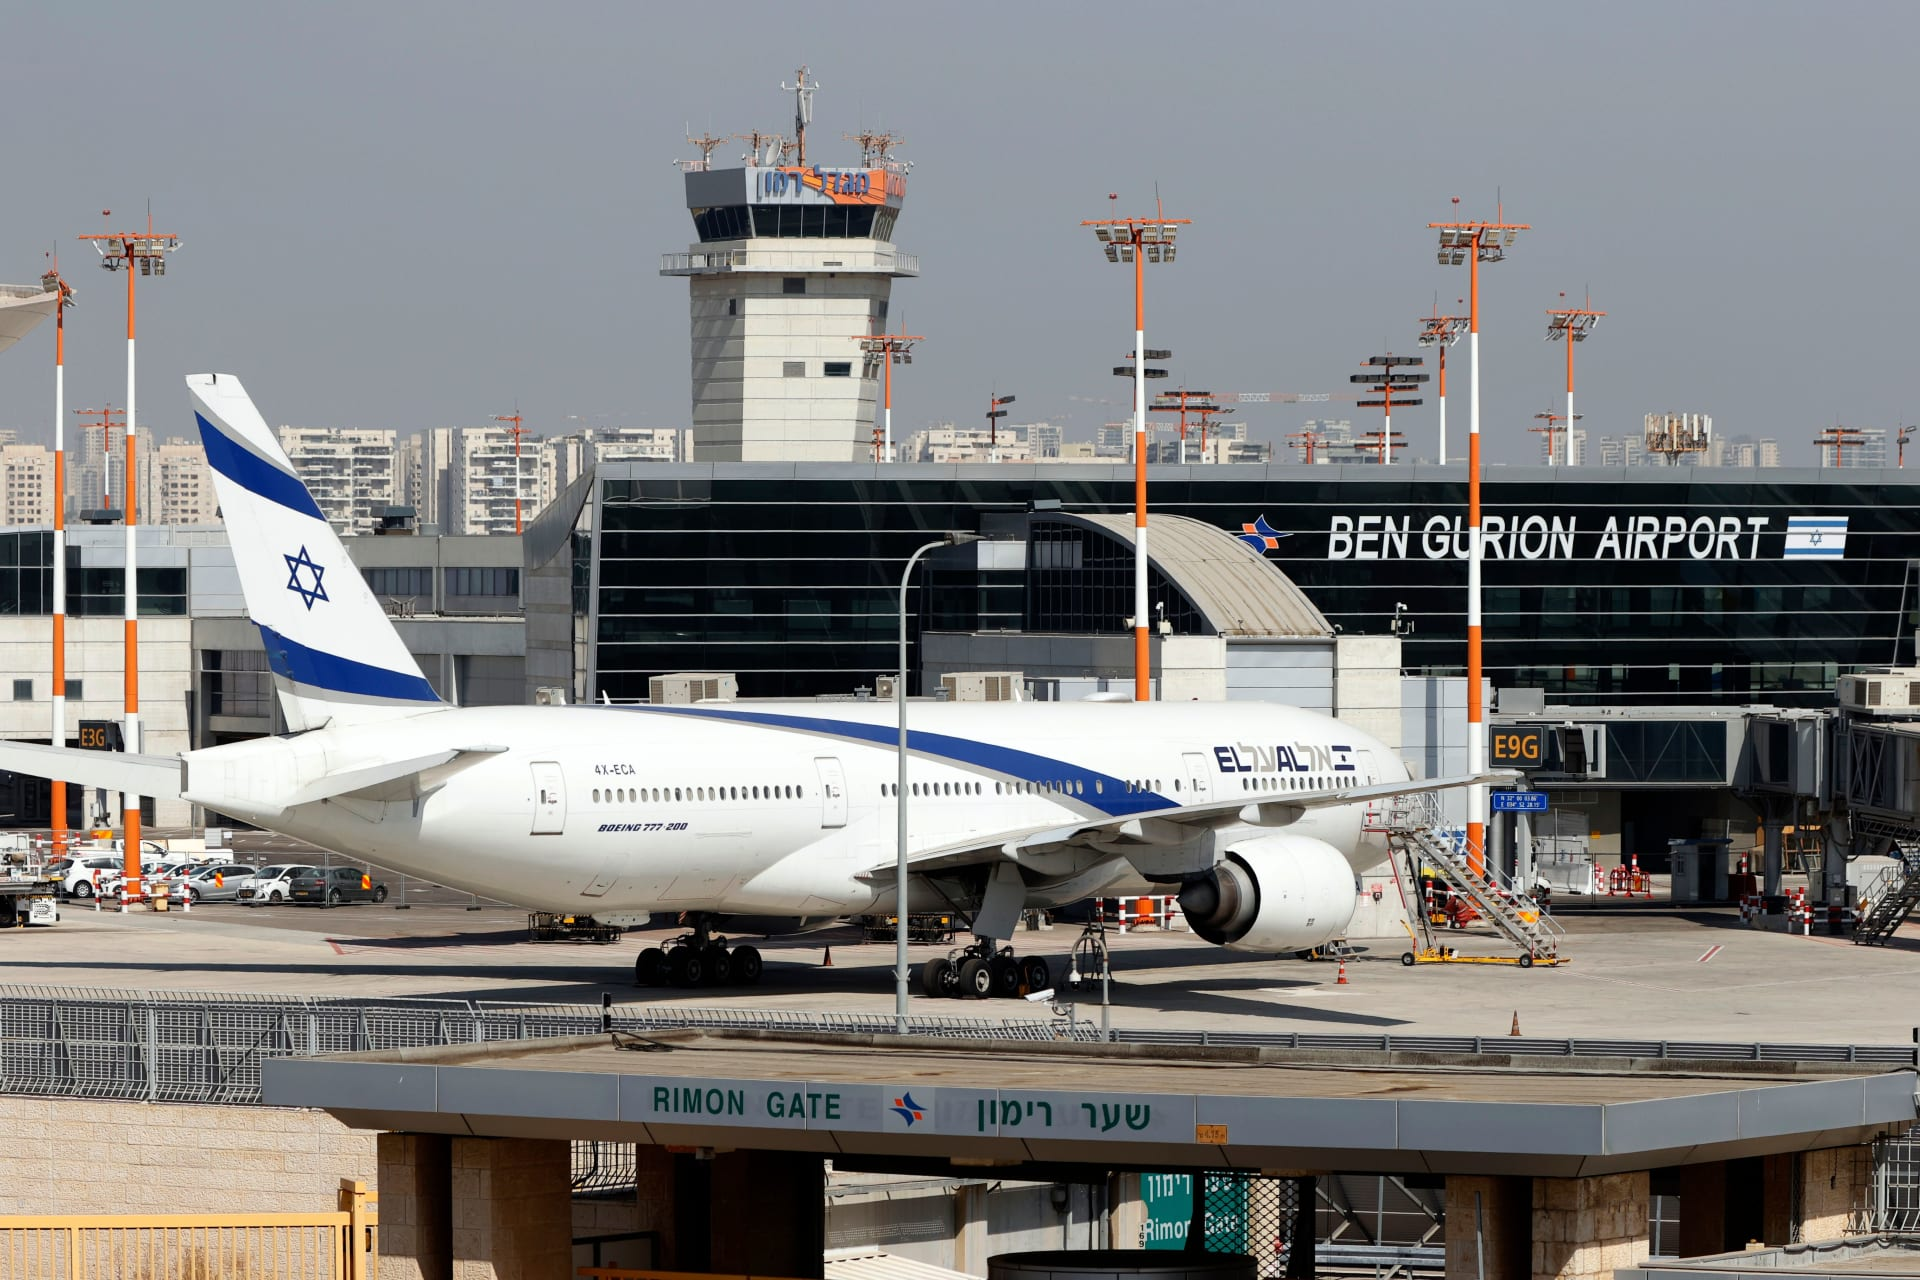 """شركة طيران """"إل عال"""" الإسرائيلية تسير أول رحلة للمغرب يوم الثلاثاء"""